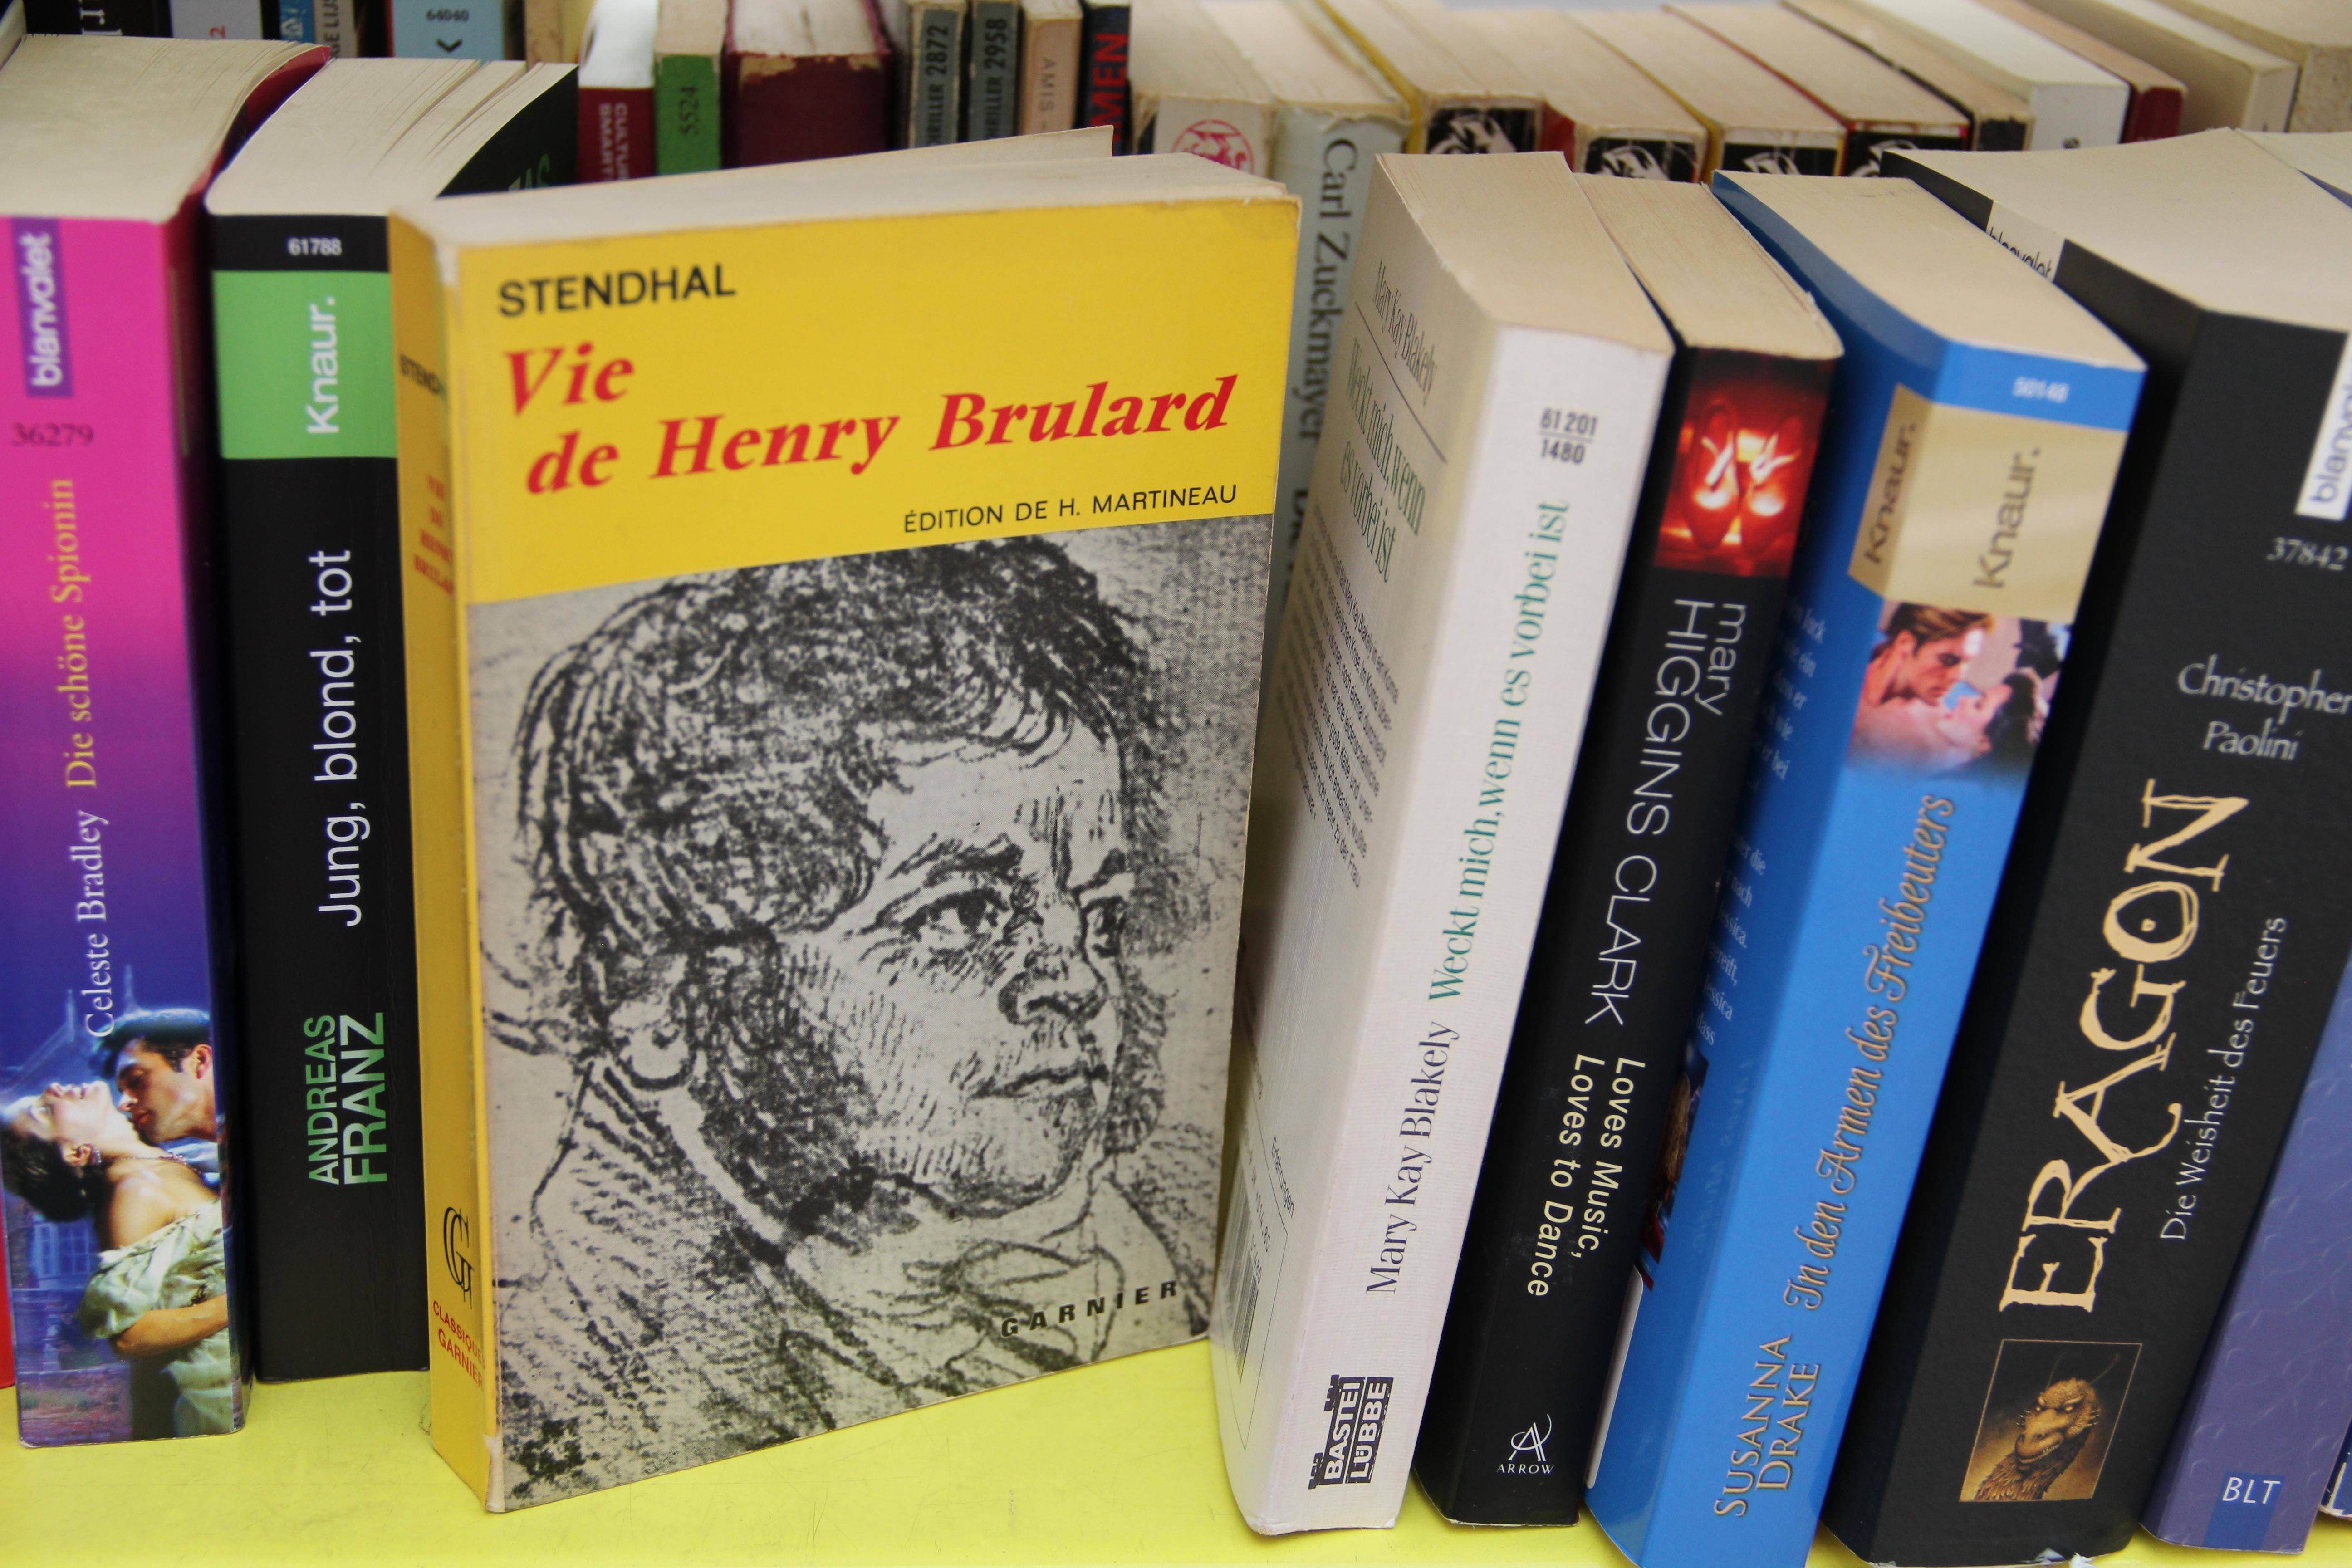 Sowohl leichte Kost wie auch der eine oder andere Klassiker ist hier zu finden. Wer die Bücher gut durchforstet, findet auch mal etwas Fremdsprachiges – so etwa Stendhal.